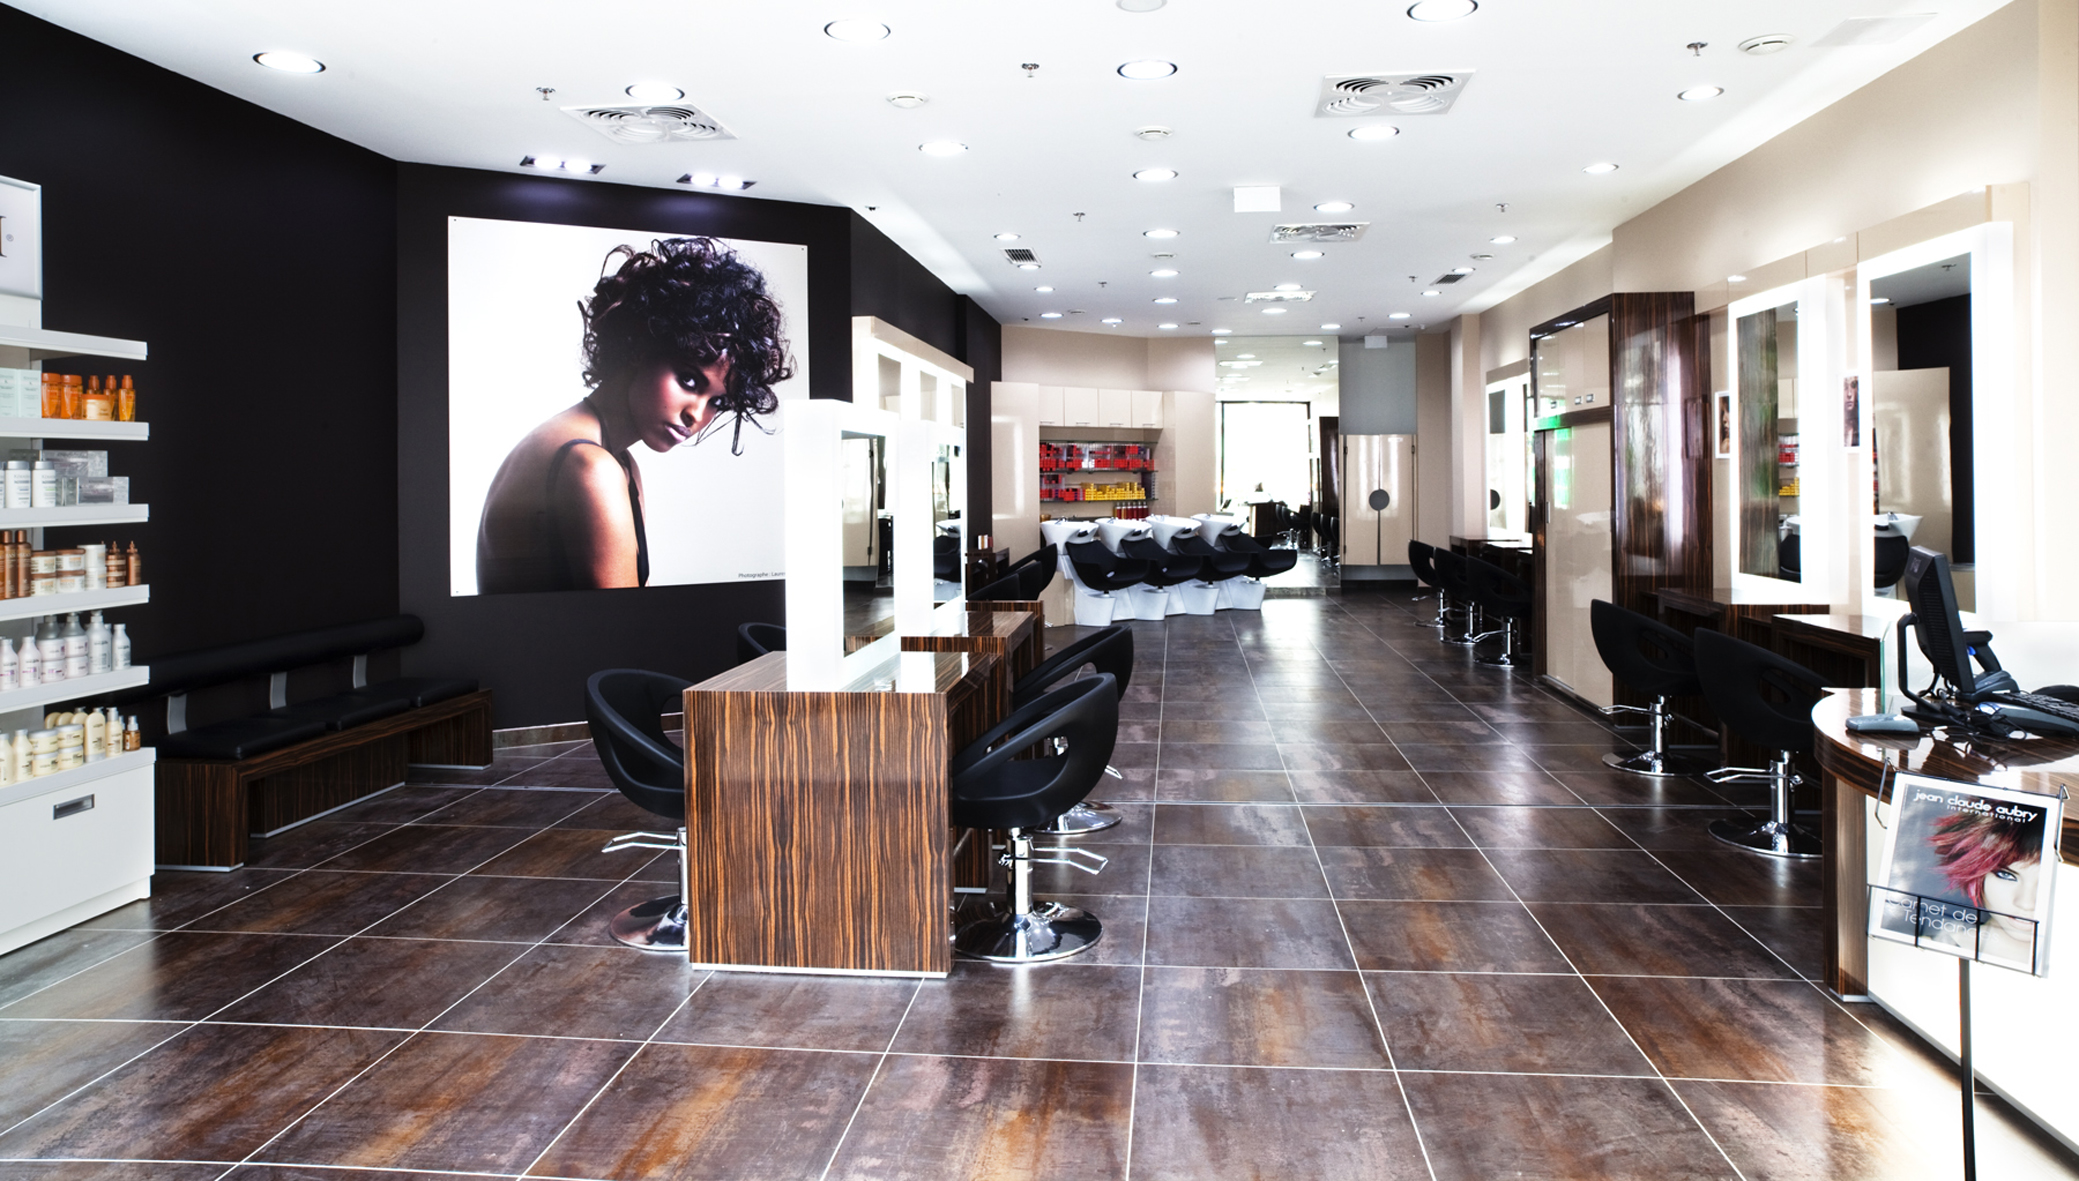 Coiffure du monde lescure d 39 albigeois avis tarifs - Salon de coiffure le 58 ...